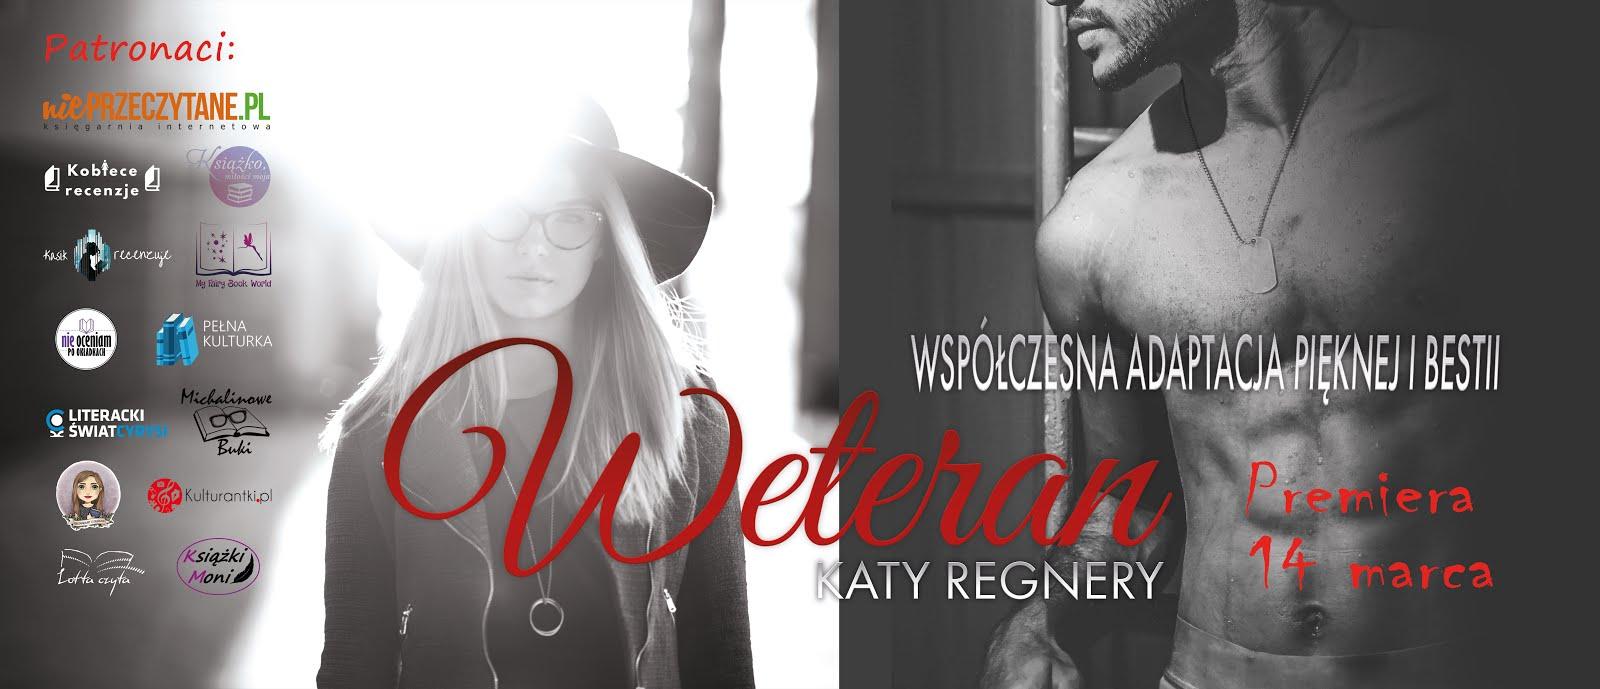 Weteran- Katy Regnery